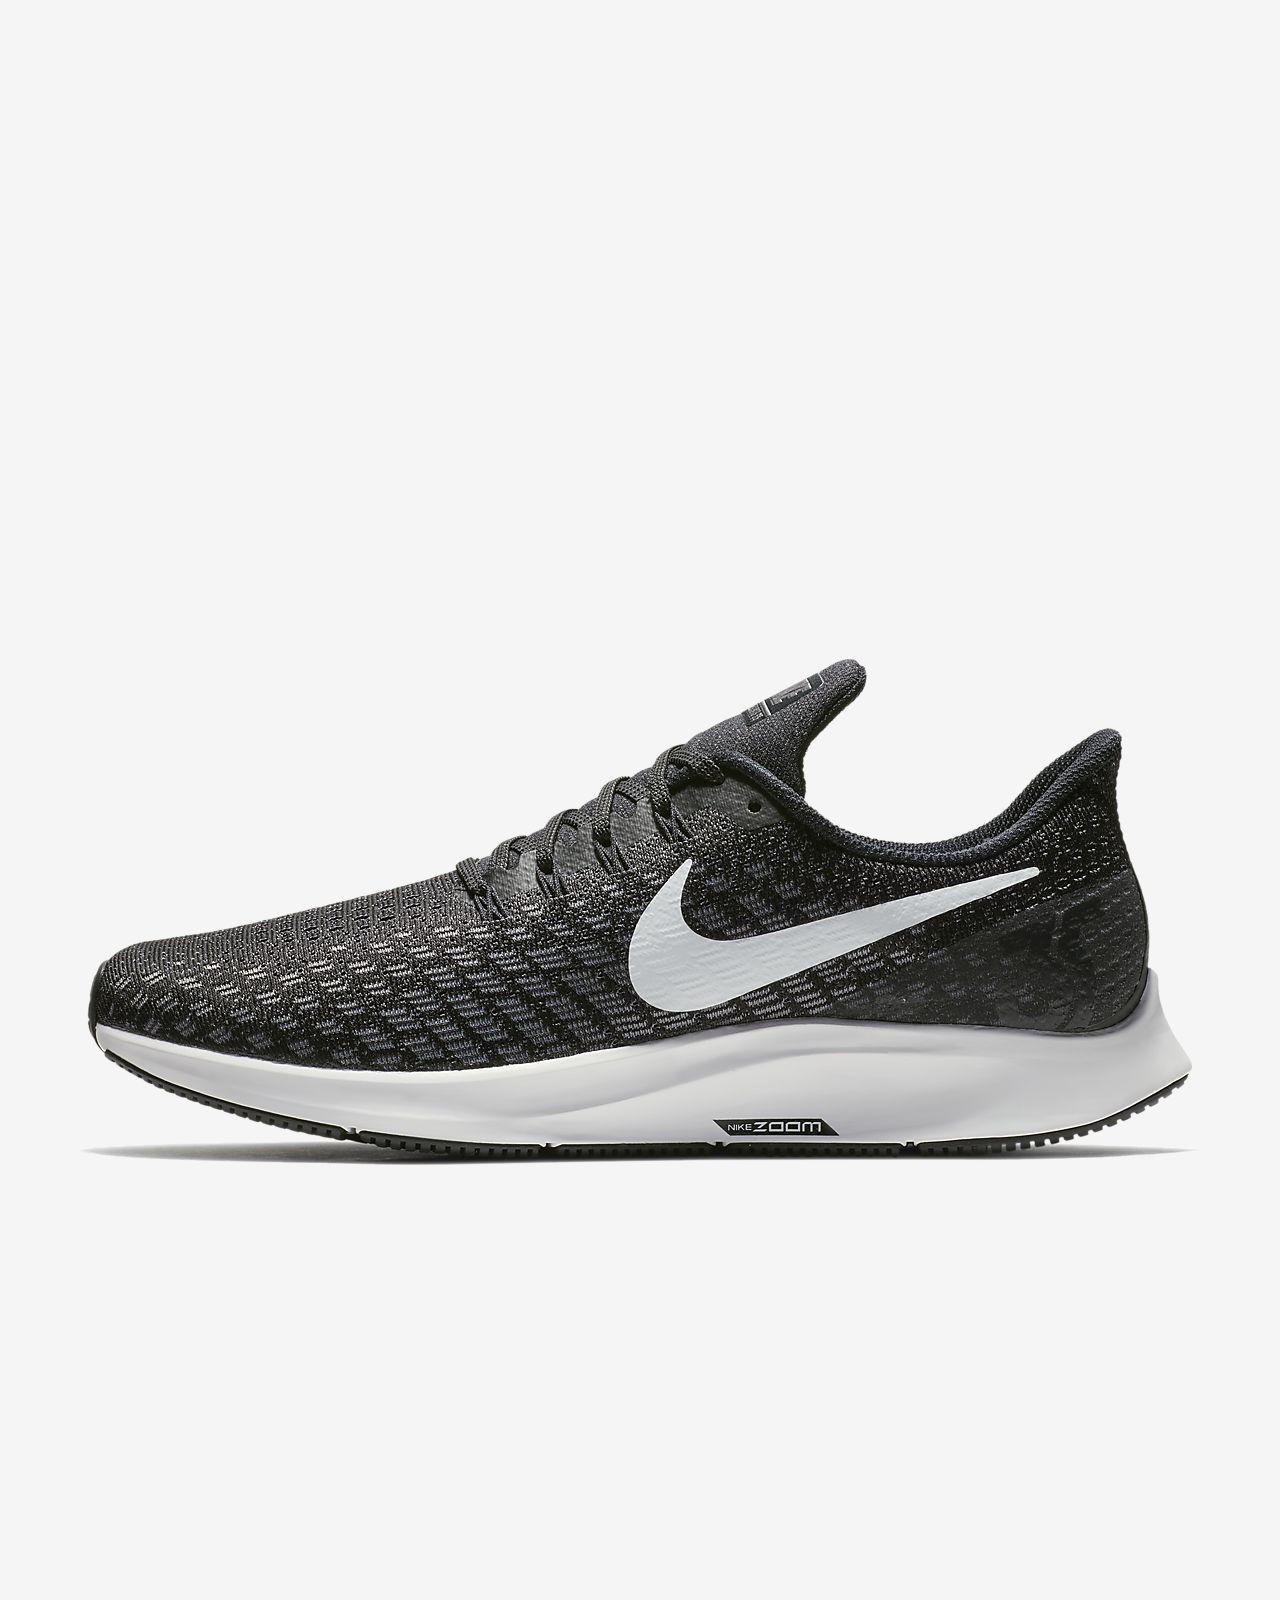 79c51cea2 Nike Air Zoom Pegasus 35 Zapatillas de running - Hombre. Nike.com ES